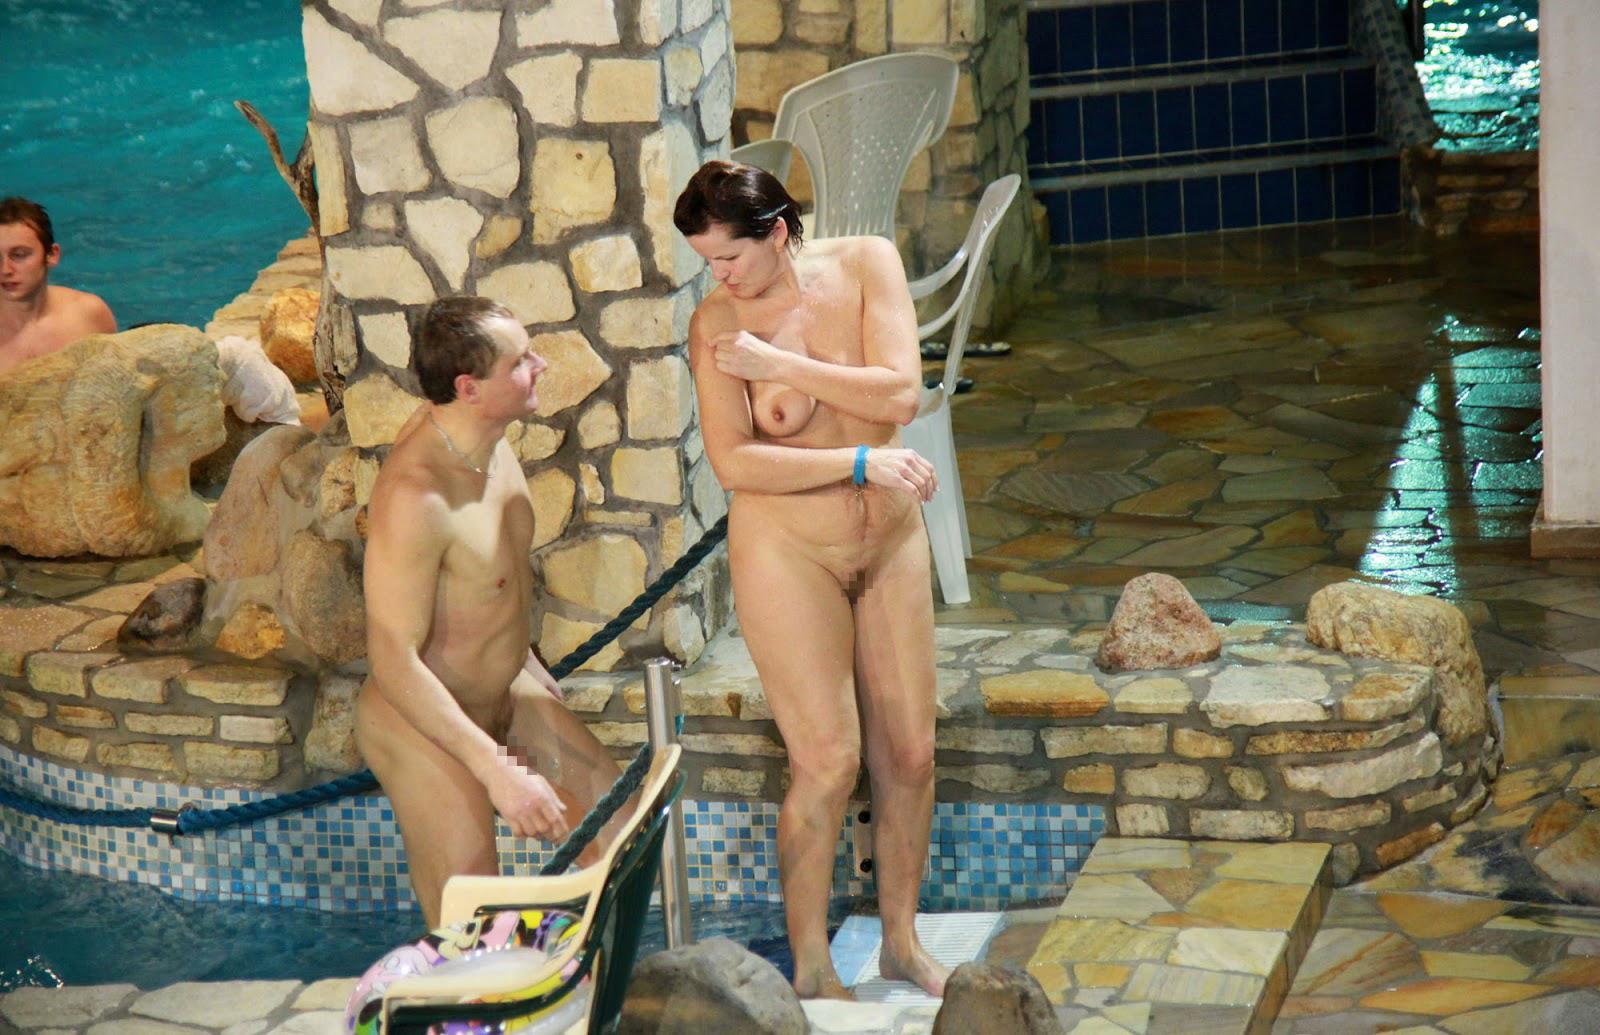 【エロ画像注意】原則全裸のリゾートホテルのプールがあるという事実。全裸ウォータースライダーで草。・1枚目